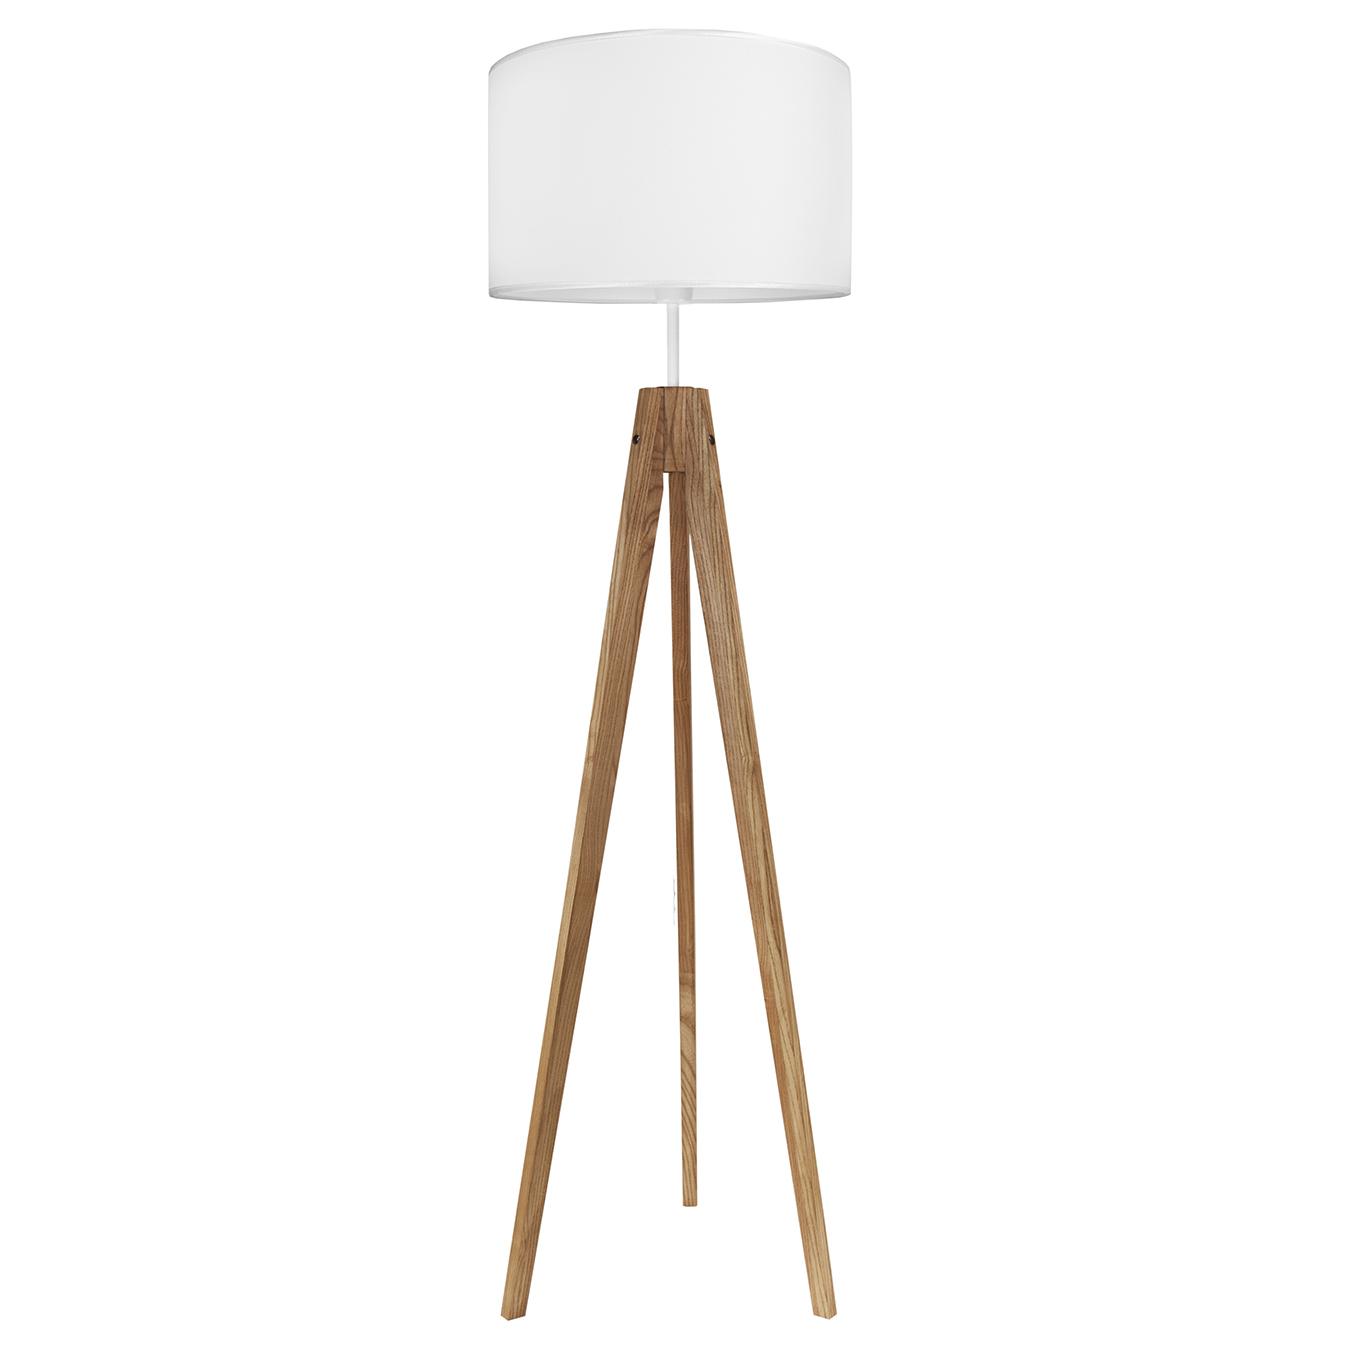 youngDECO lampa podłogowa trójnóg dębowy porcelanowa biel